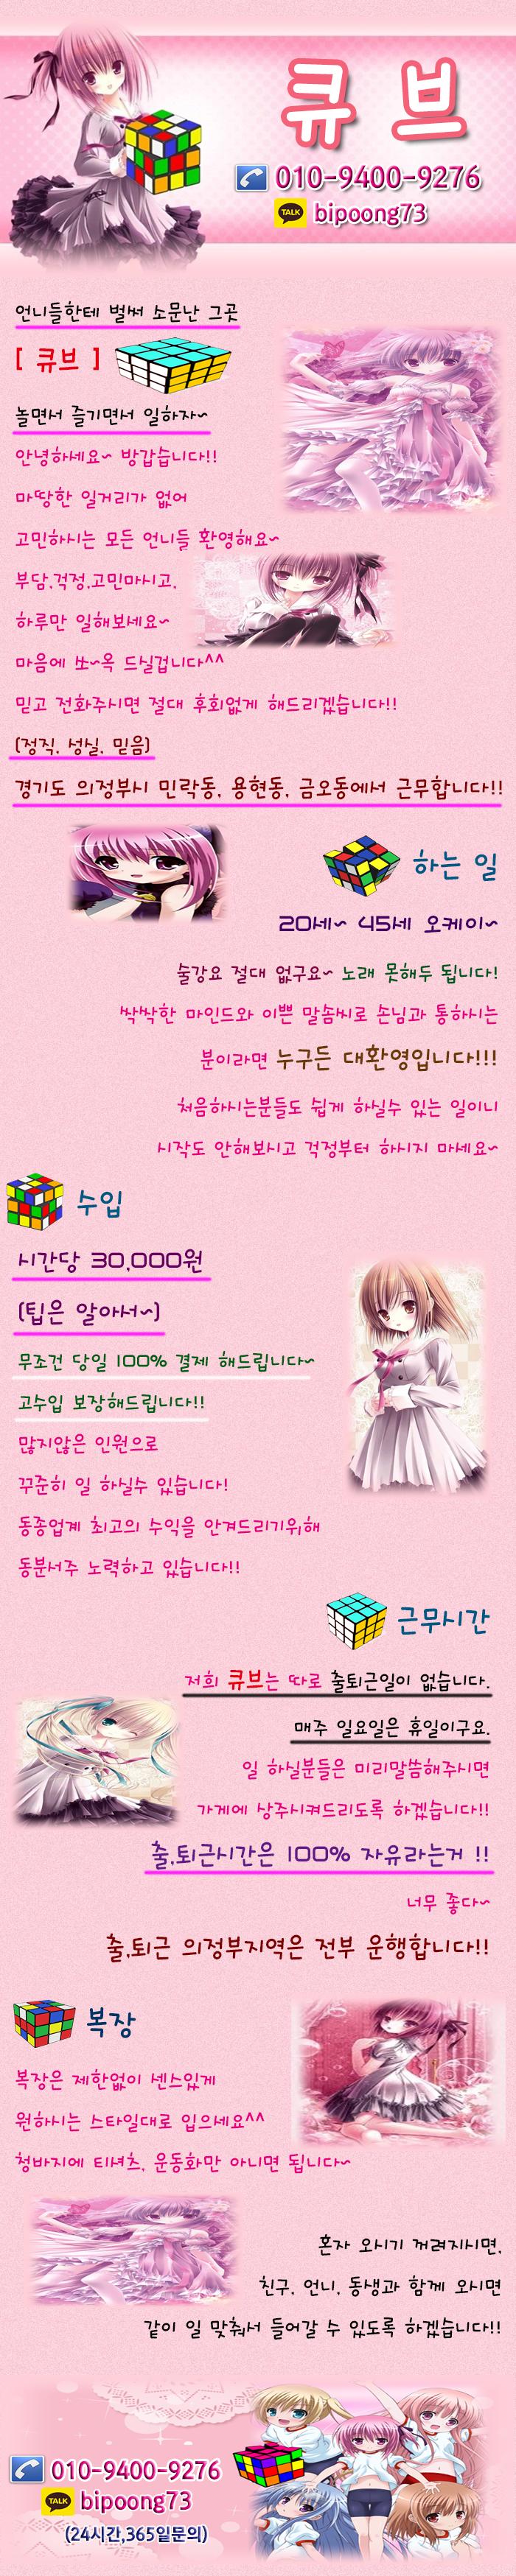 미미알바 의정부 큐브노래장 소개글.png